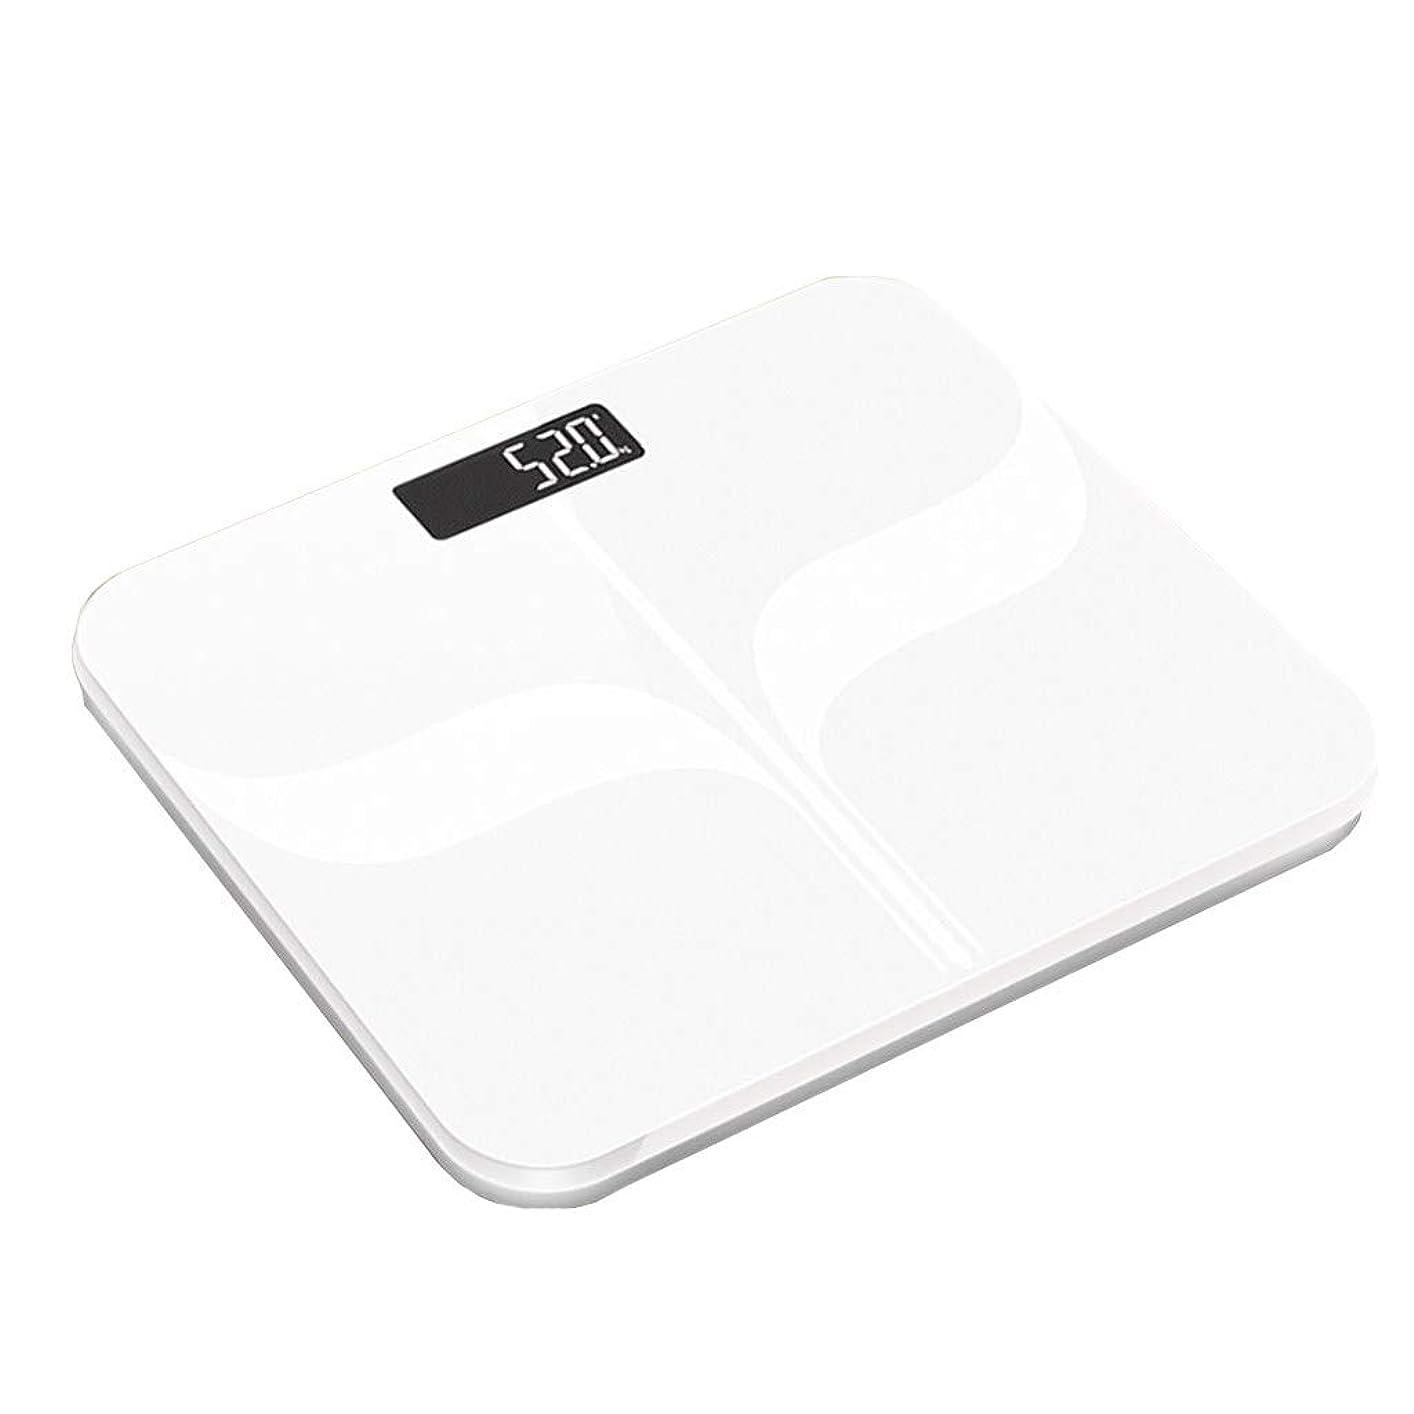 ランタン泥沼降雨高精度体重計デジタル健康を失う体重浴室スケールミニ超薄型隠しスクリーンディスプレイ180キログラム容量ホワイト